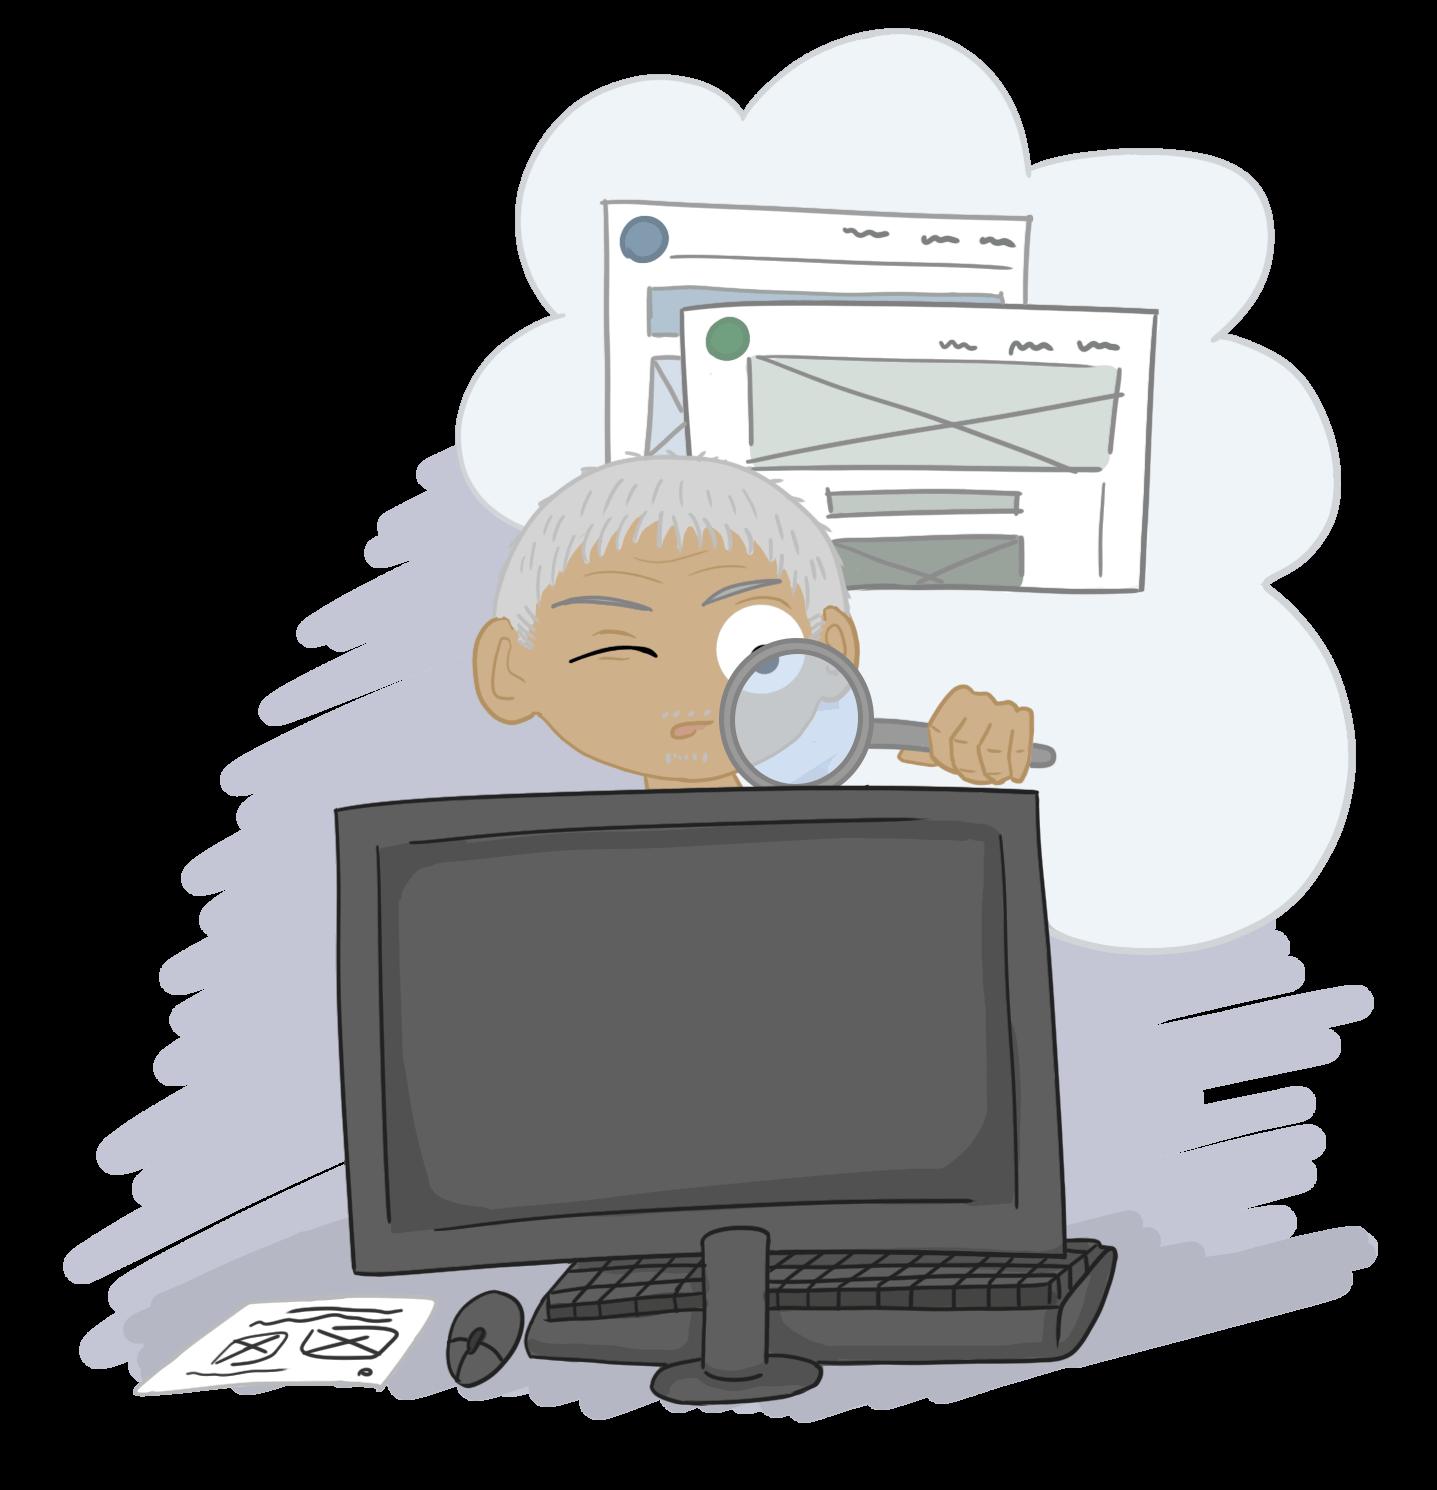 seo og design cartoon